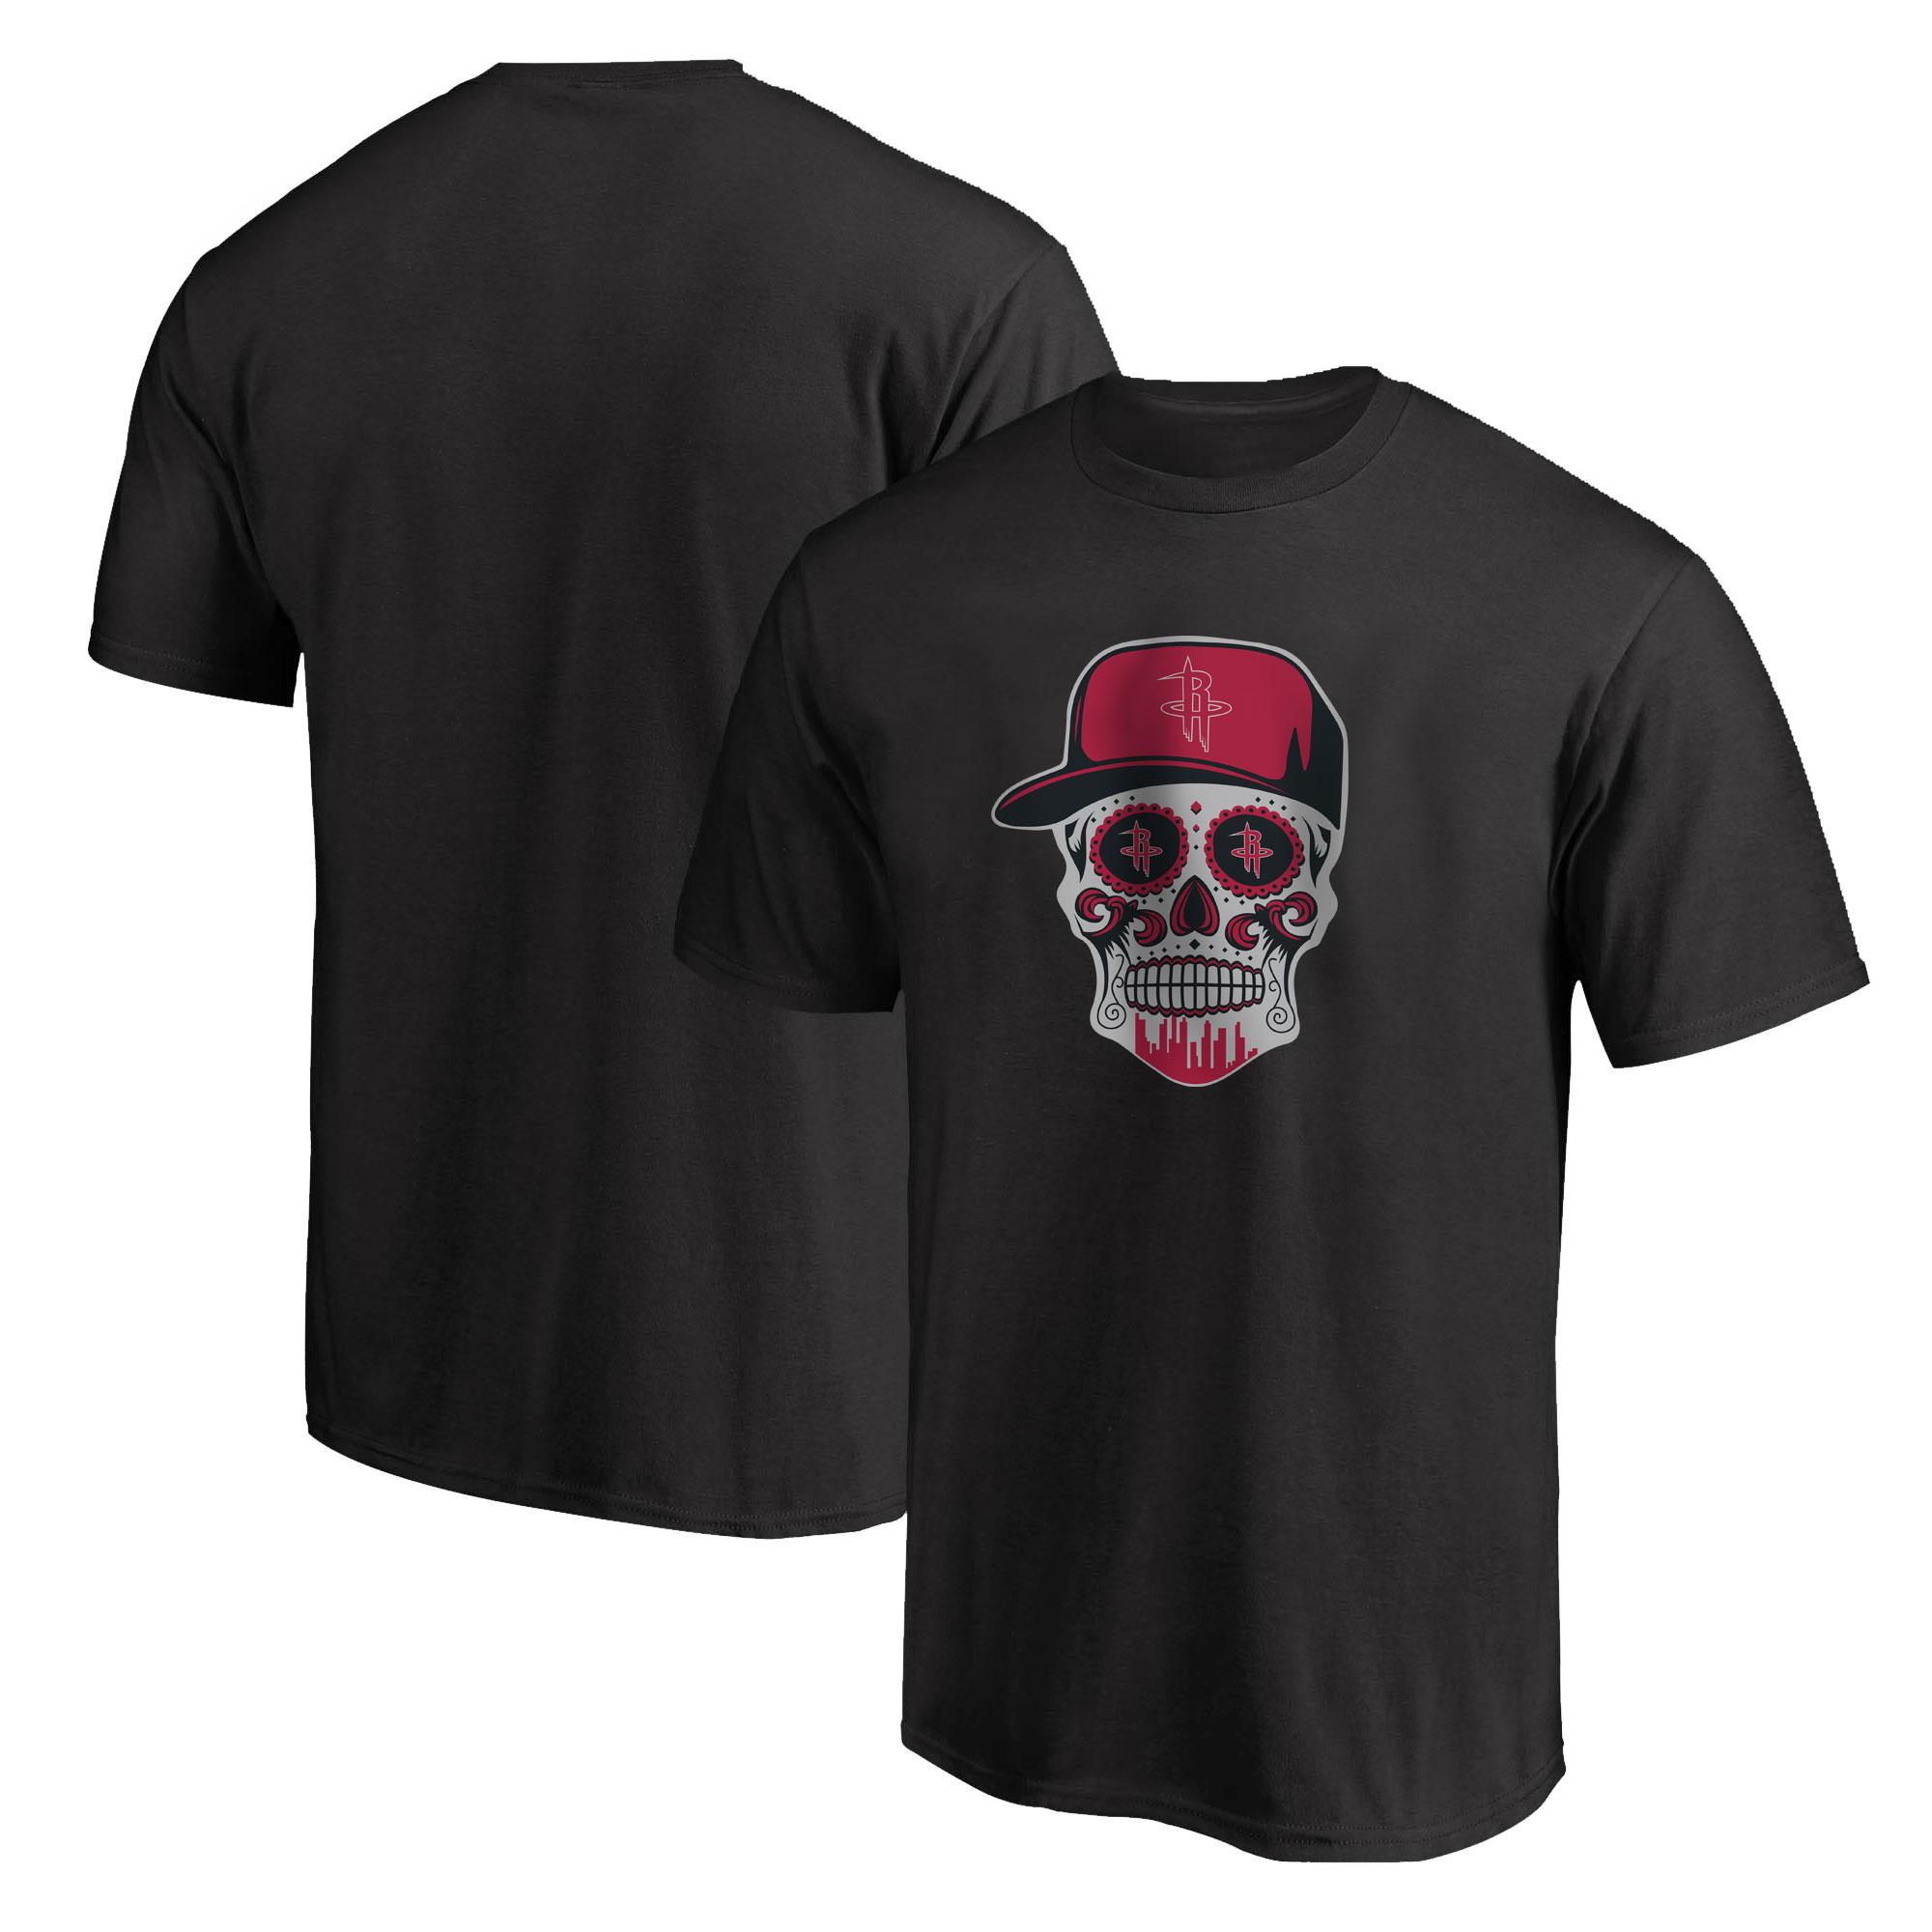 Rockets Skull Tshirt (TSH-BLC-NP-453-NBA-HOU-SKULL)